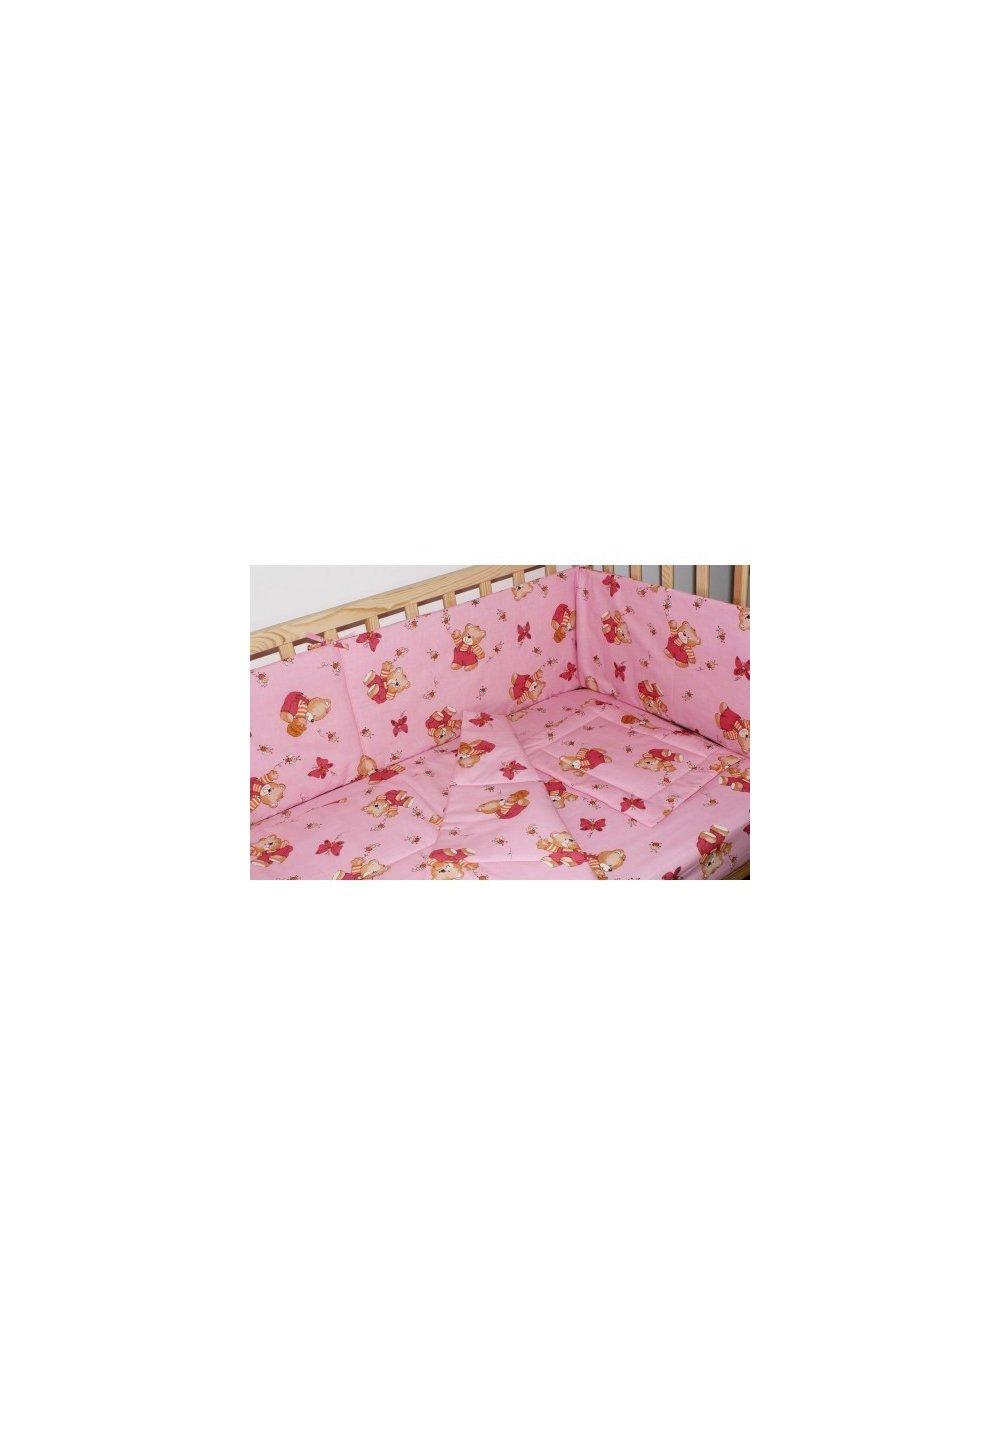 Lenjerie ursulet cu albinute roz,5 piese 140x70 cm imagine